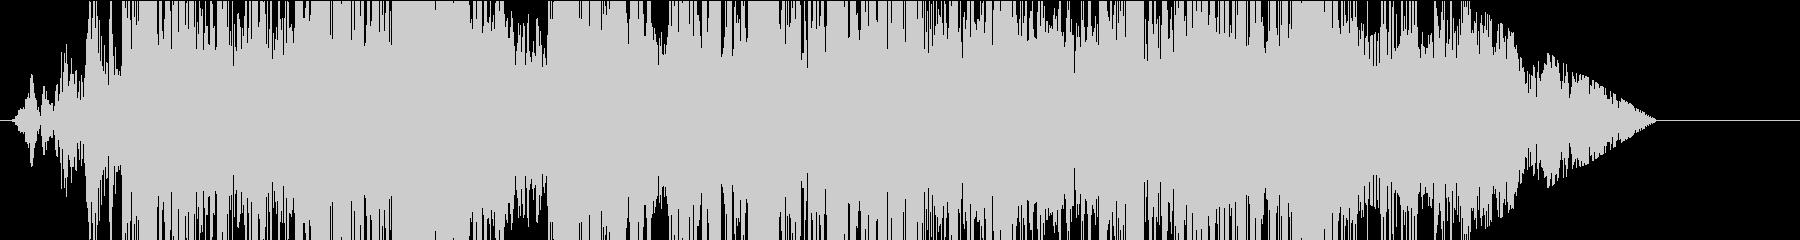 宇宙人の声(長め)の未再生の波形